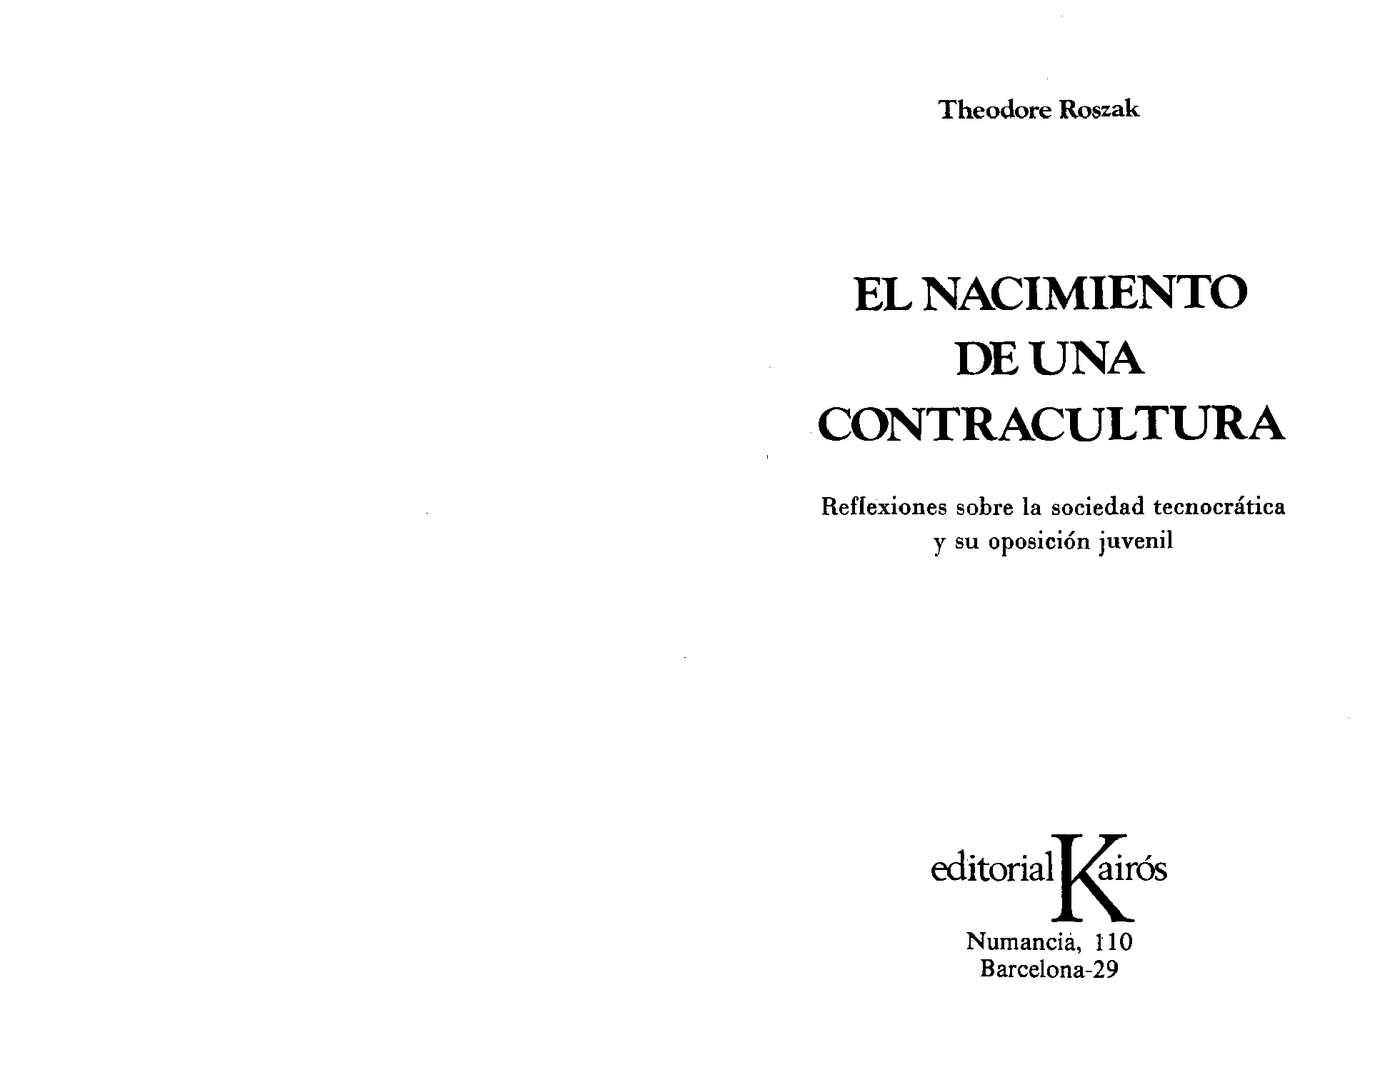 6e38612929 Calaméo - roszak-theodore-el-nacimiento-de-una-contracultura